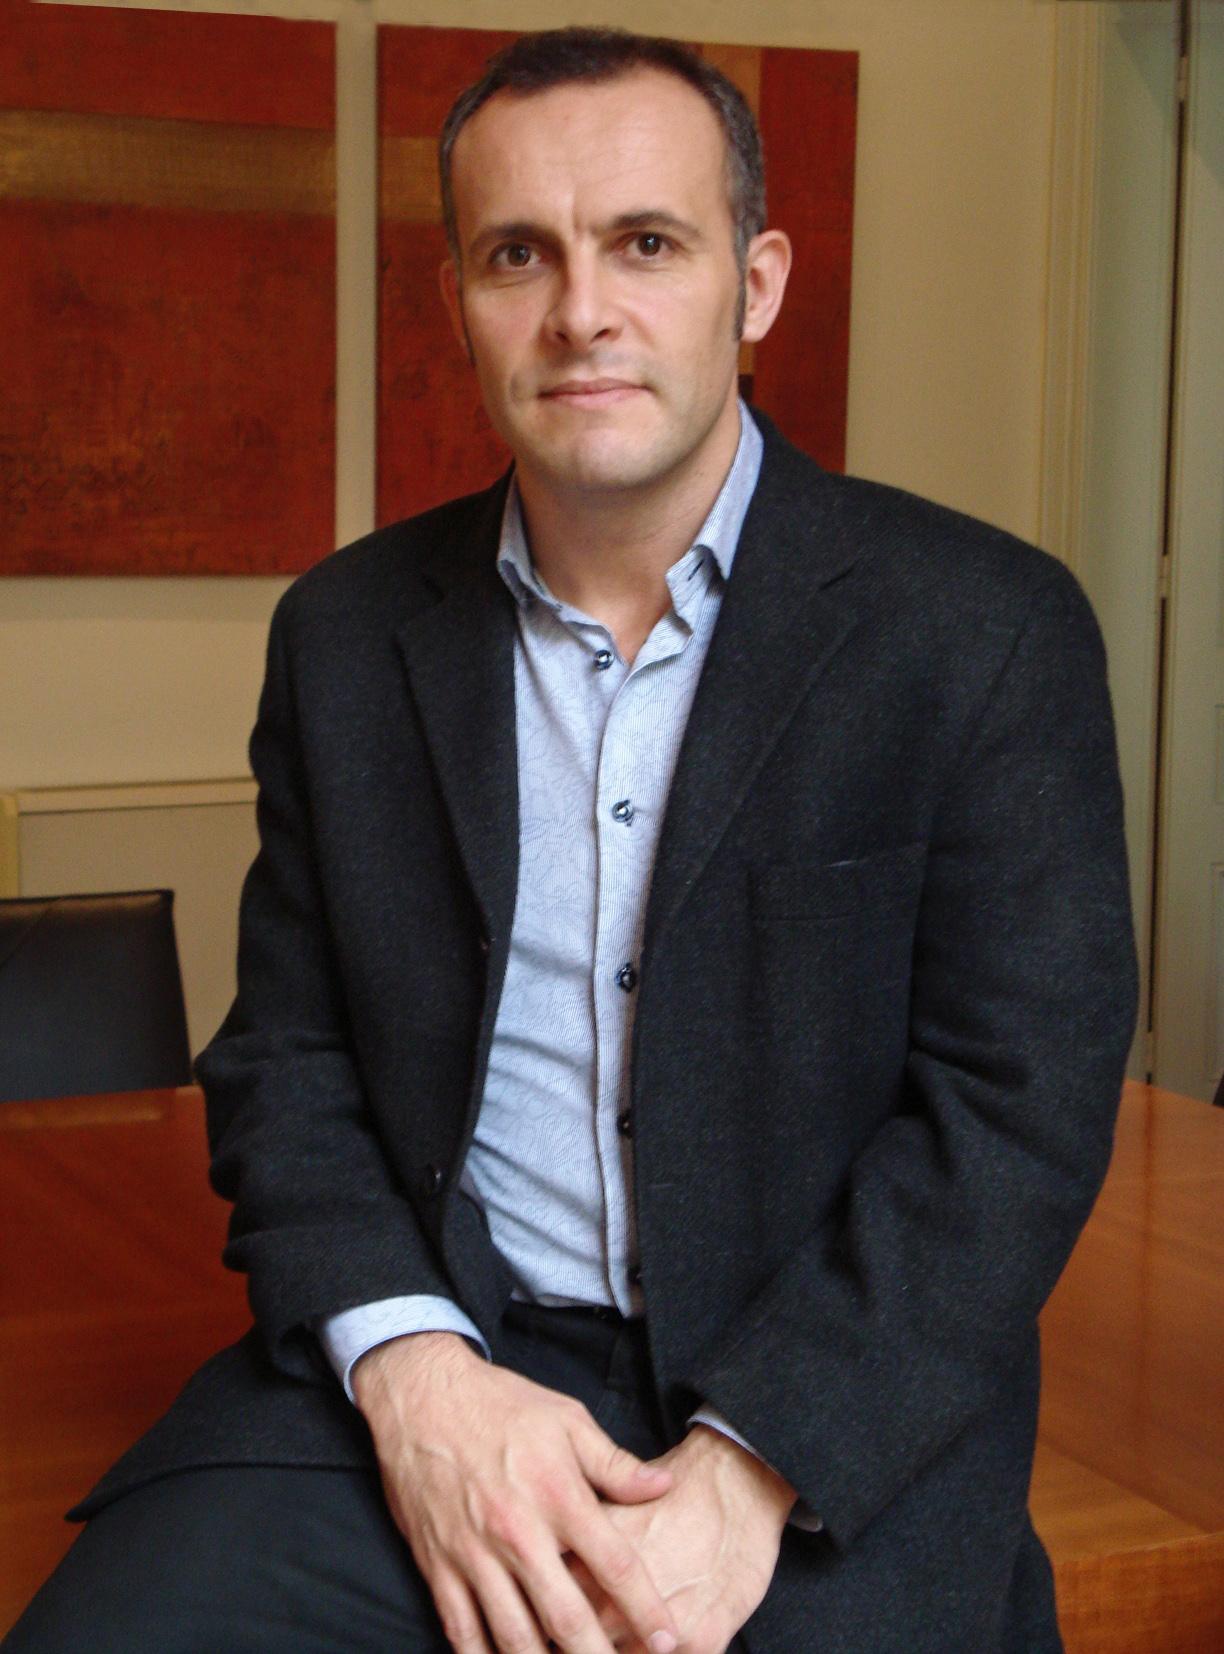 Carlos Zornoza de Solinís